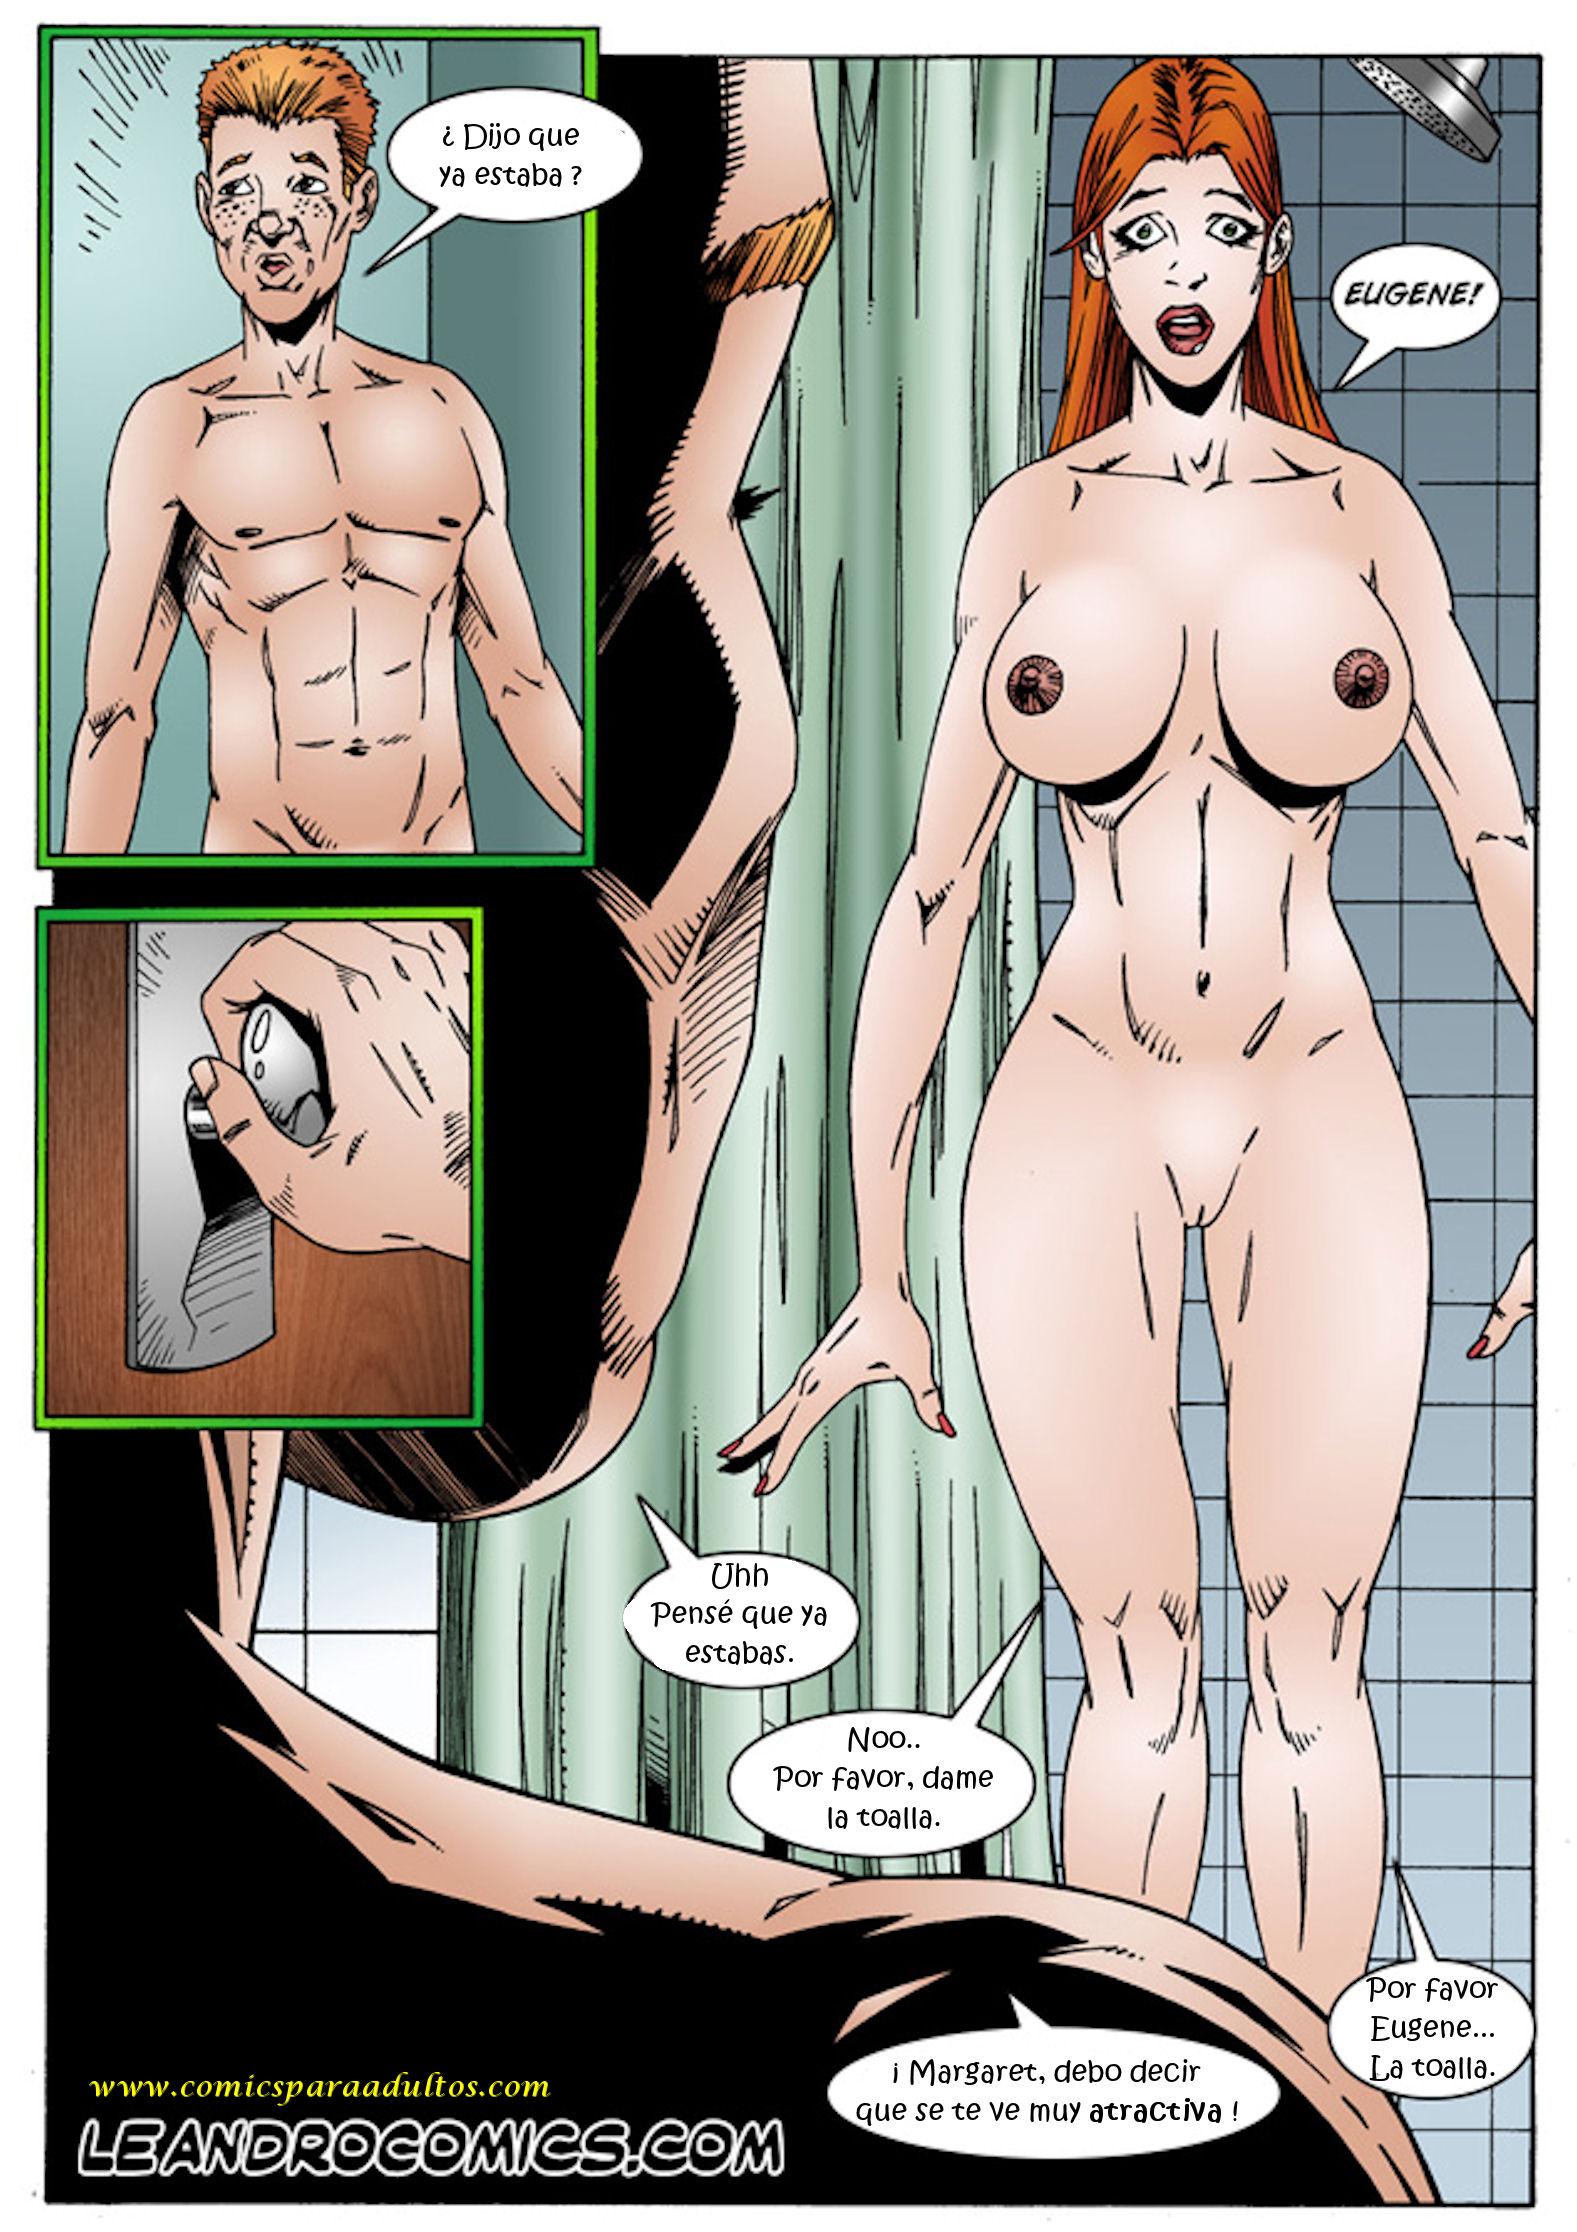 Tickle scene icarly porn video rexxx XXX